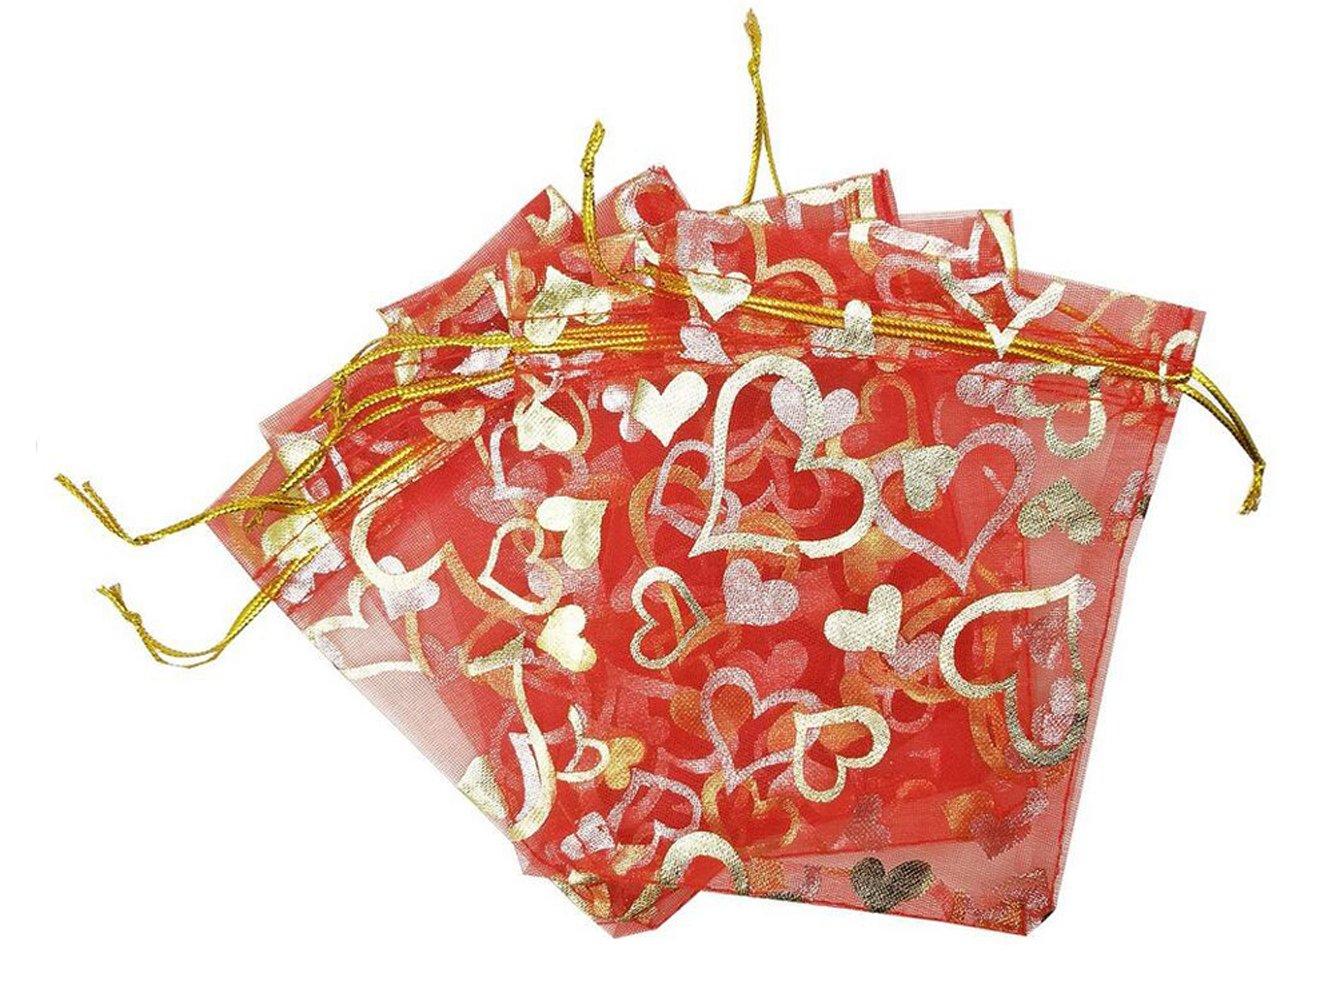 100pcs 12,7x 17,8cm/13cm x 18cm cuore stampato organza coulisse sacchetti regalo imballaggio buste campione display tulle tasche Wrapper bagno organizzatore per caramelle gioielli festa di nozze Natale favor, Golden, 5'' x 7'' 5'' x 7''